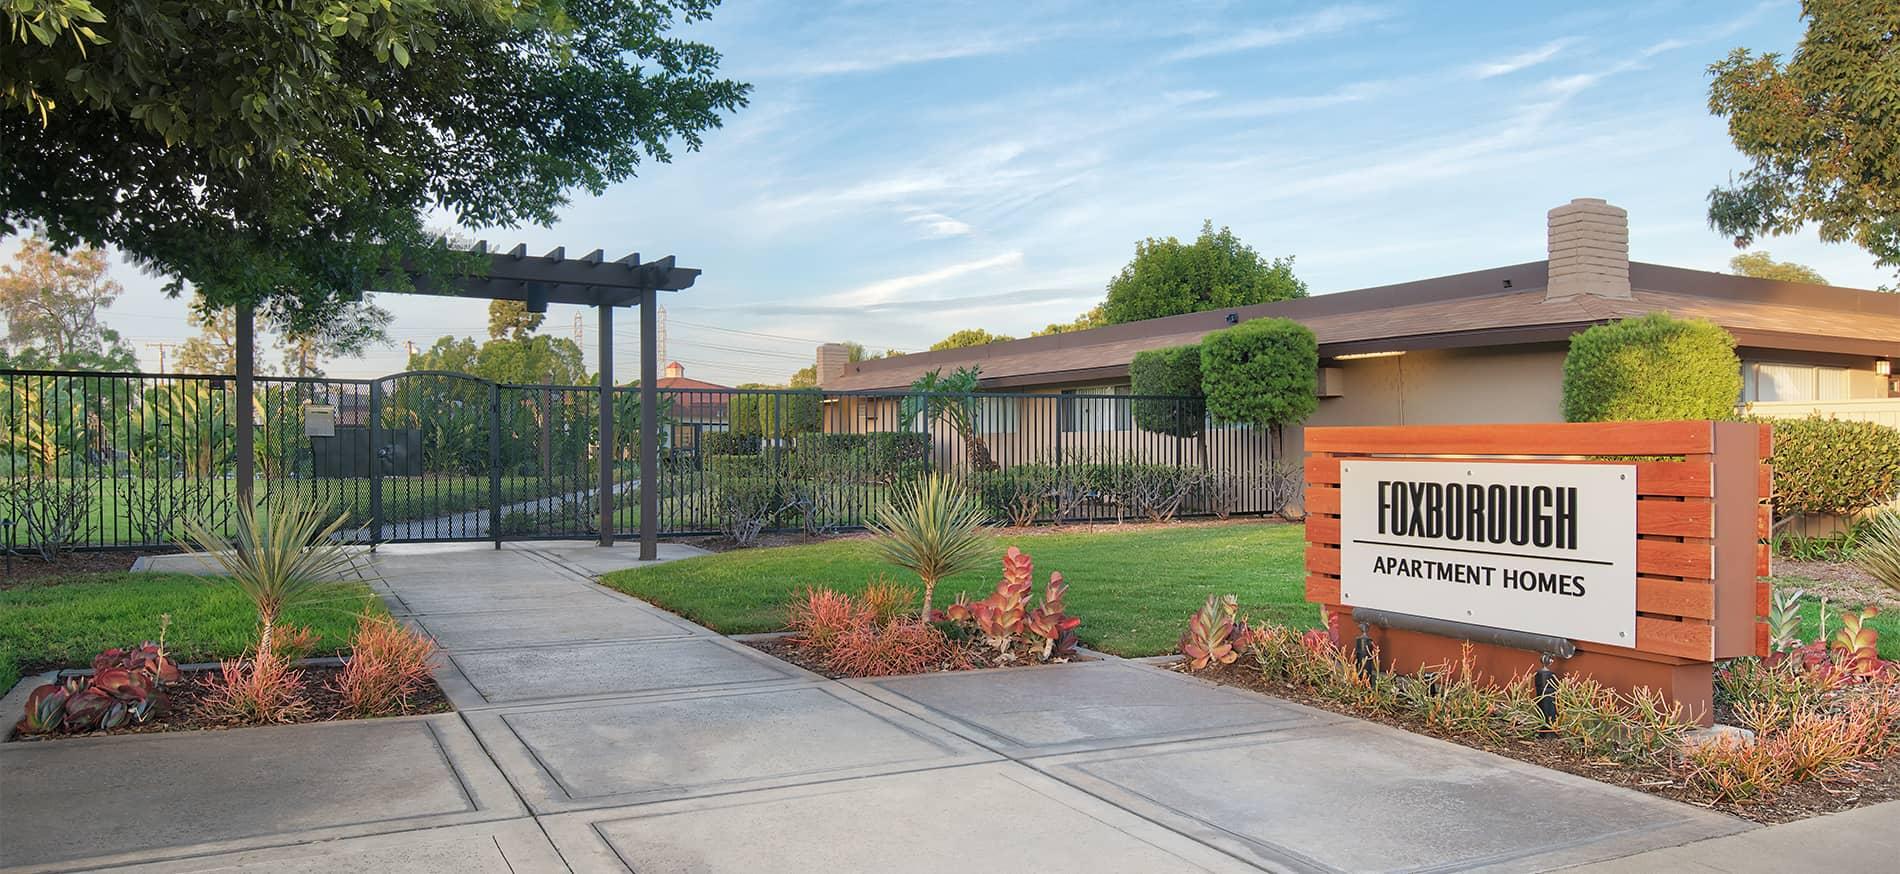 Foxborough Apartments in Orange, CA